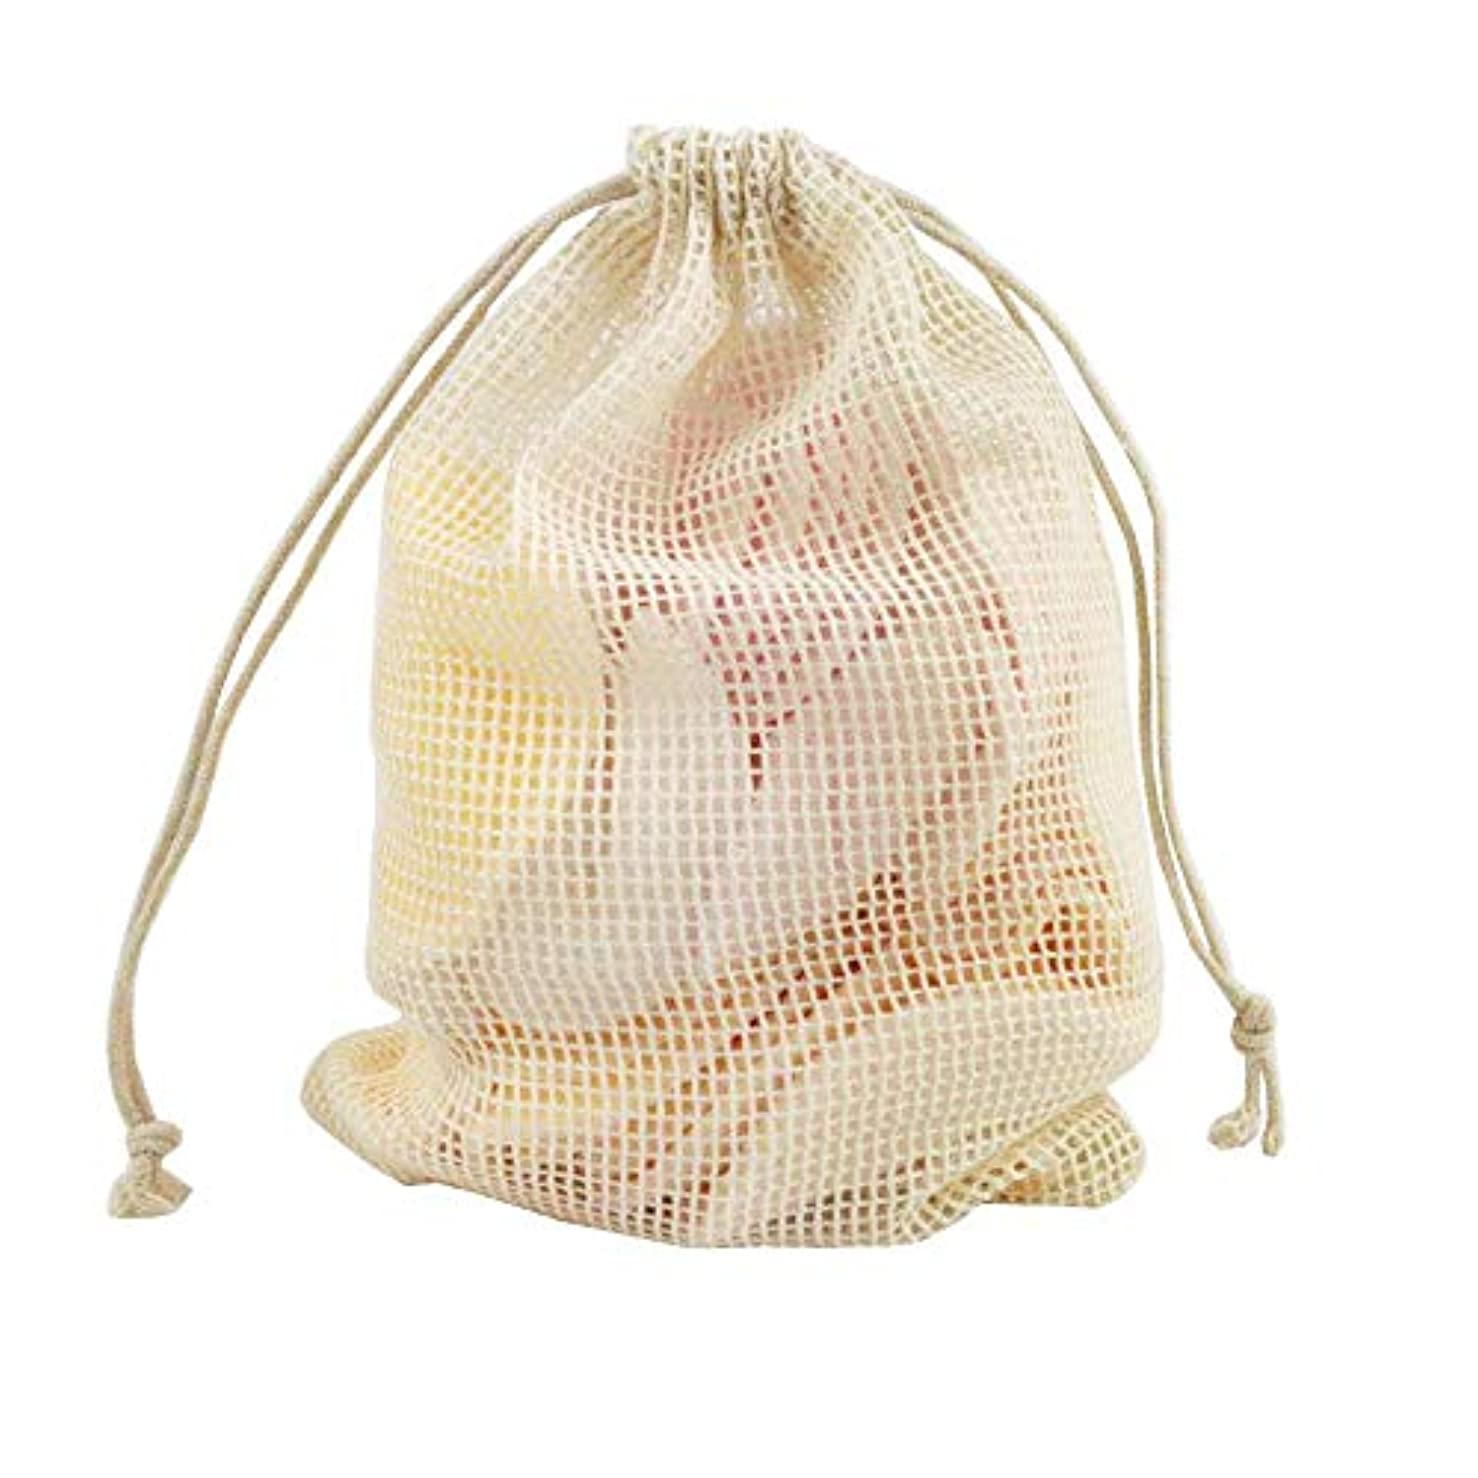 ロールホステル餌12ピース 化粧リムーバー パッド 8センチ 2層 竹繊維化粧リムーバー洗える化粧コットン 洗浄顔スキンクリーニング 美容エアクッションパフ